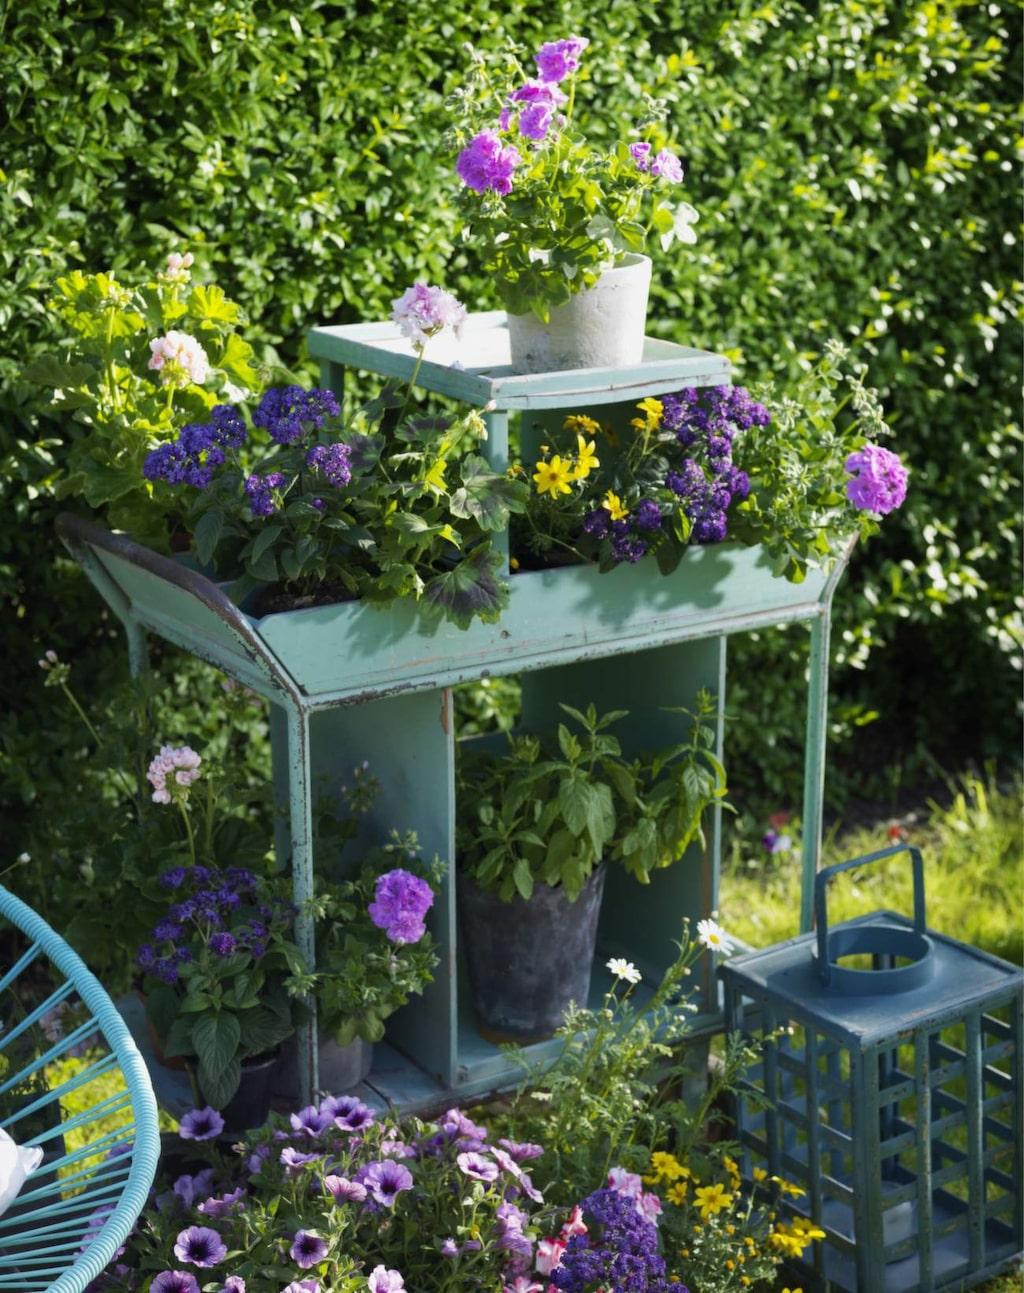 Ton i ton. Trenden att odla ätbara växter fortsätter. Mixa med blommande krukväxter och skapa ett överflöd av färgglada grupper.